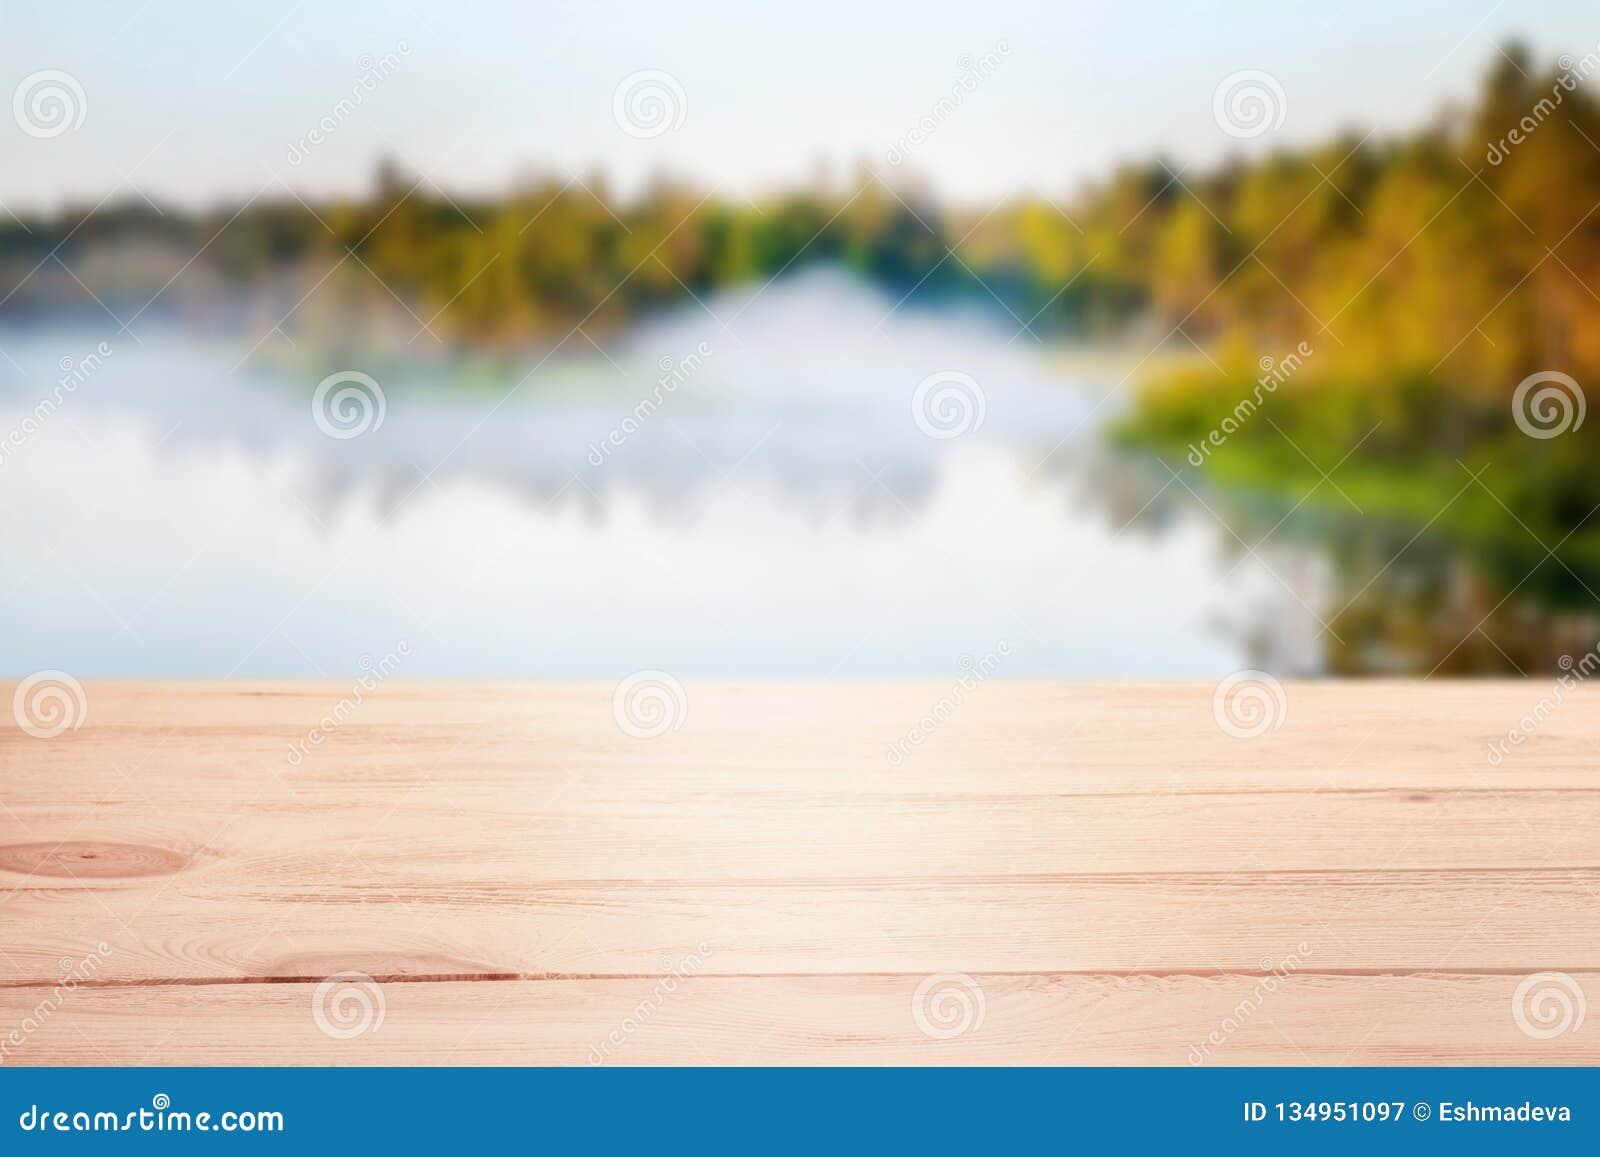 Plantilla de madera de la tabla con el fondo defocused distante del lago del bosque